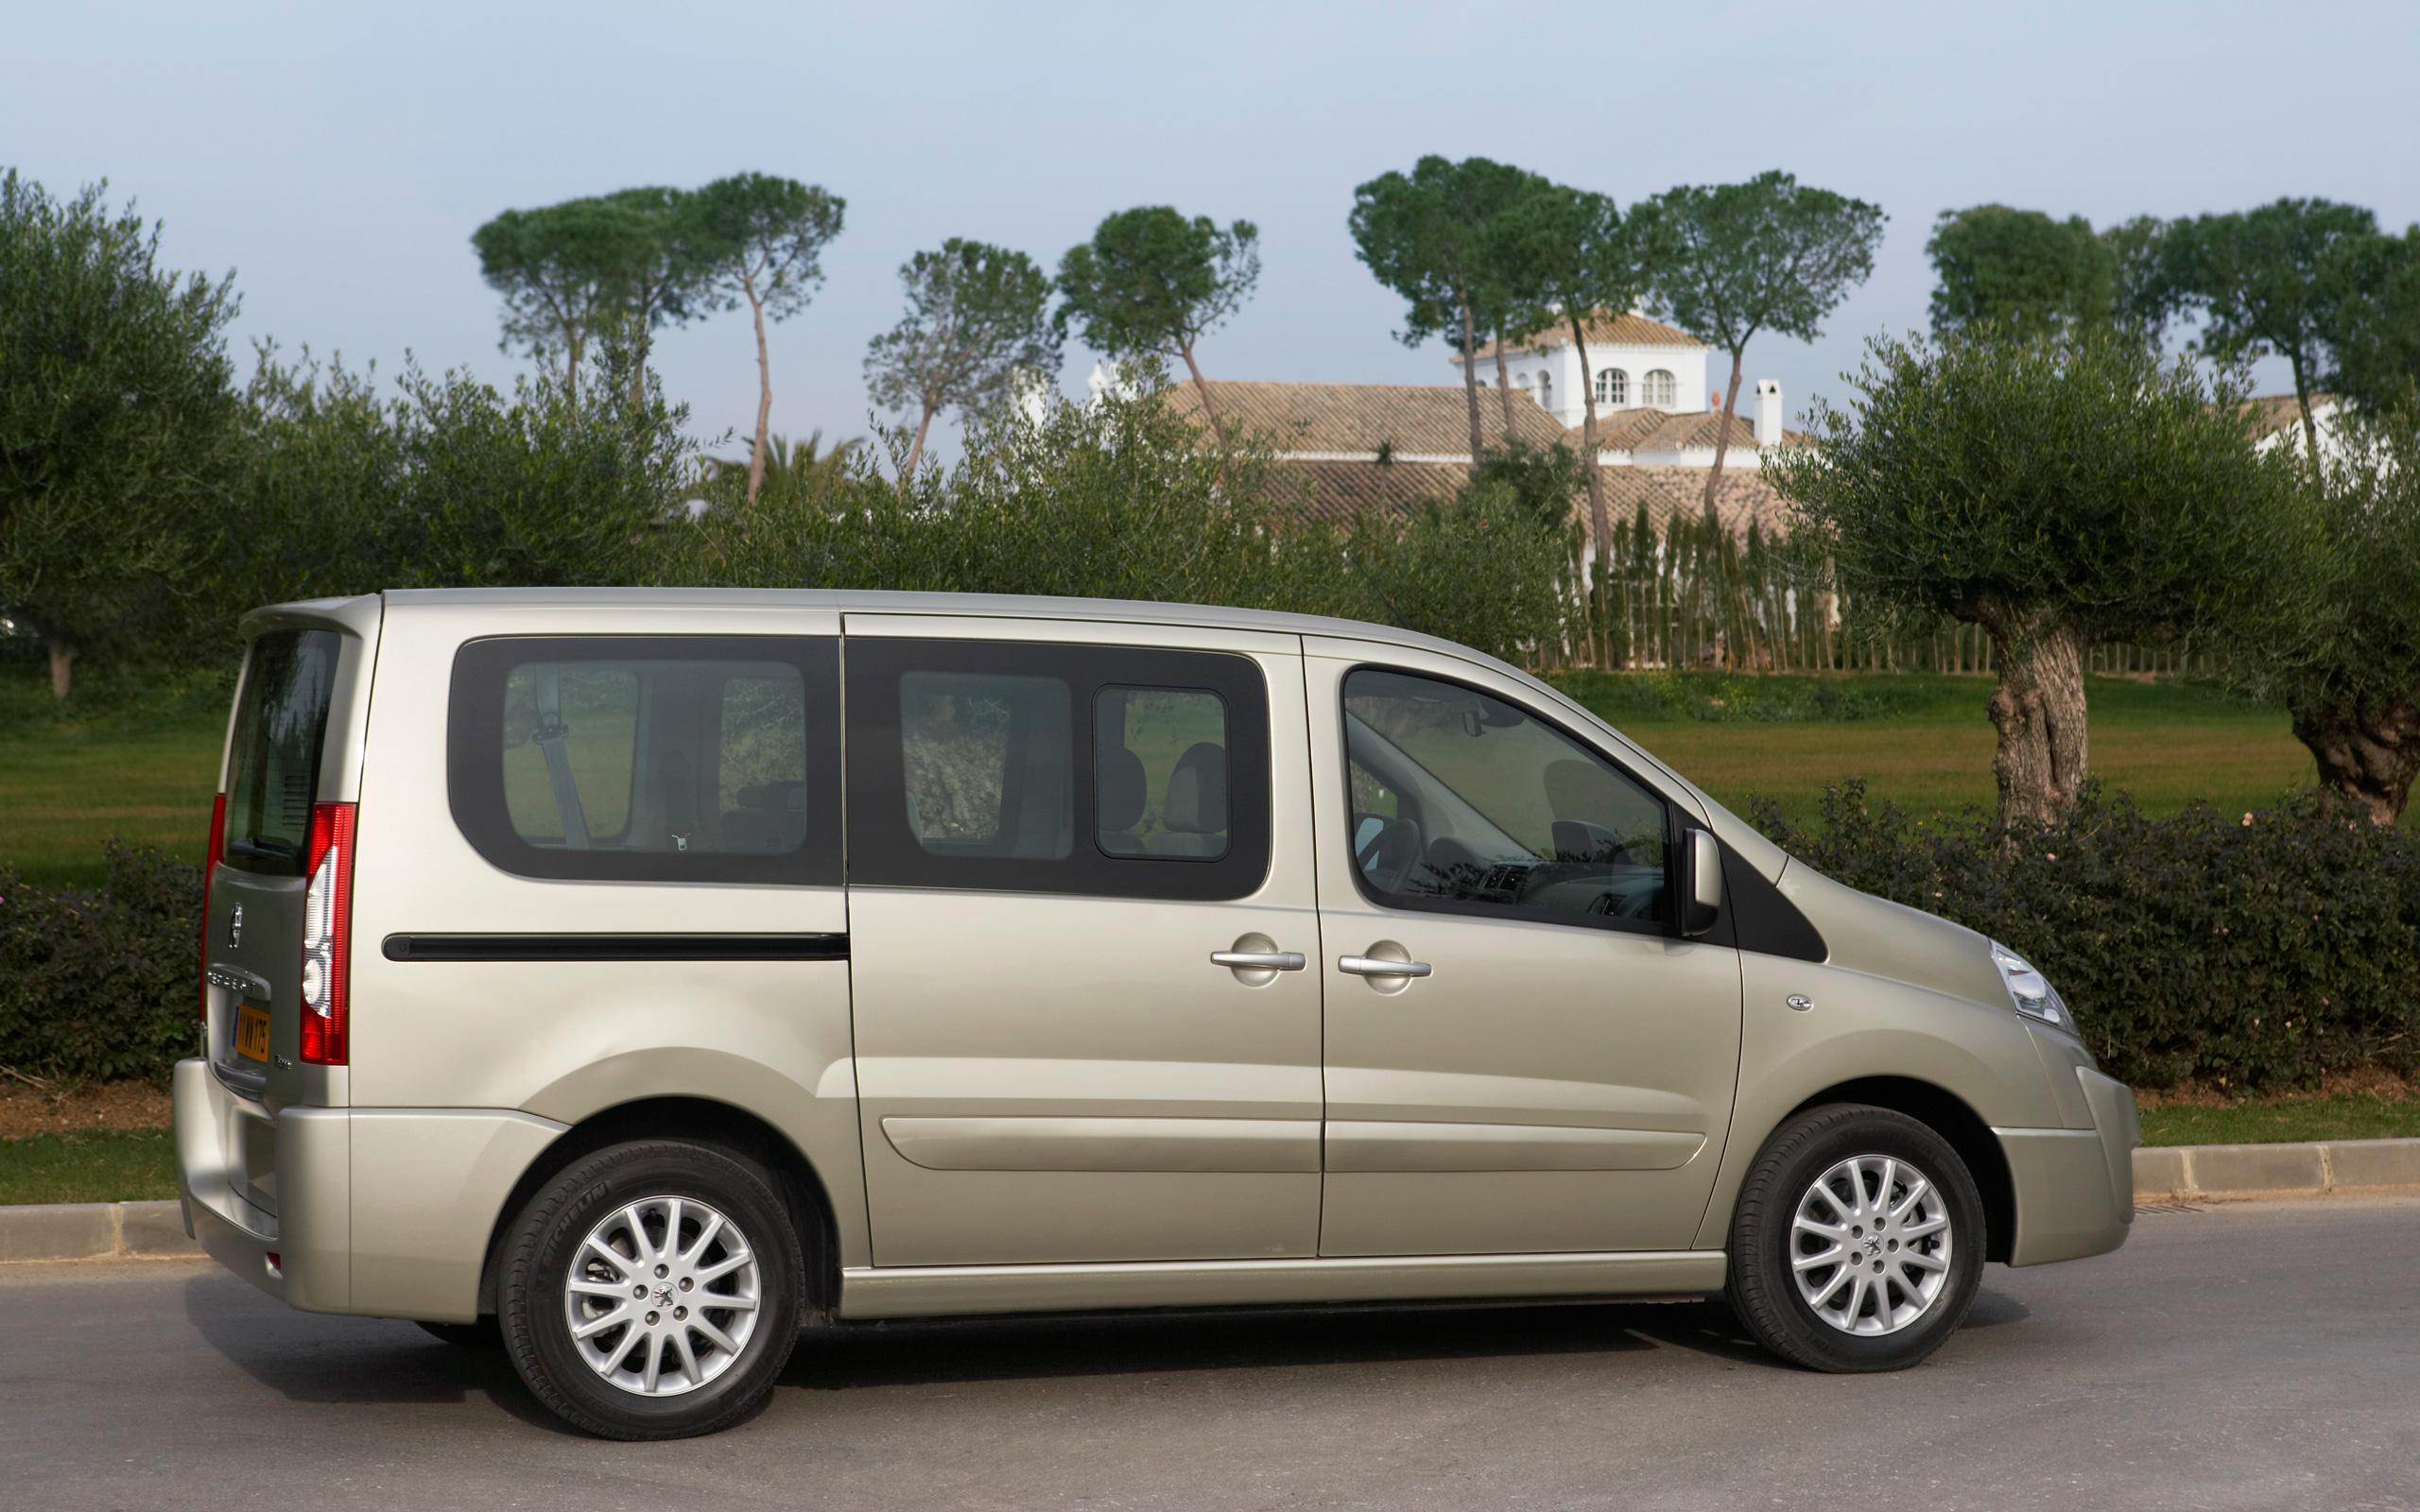 cars-peugeot-expert-ii-tepee-2014-105153